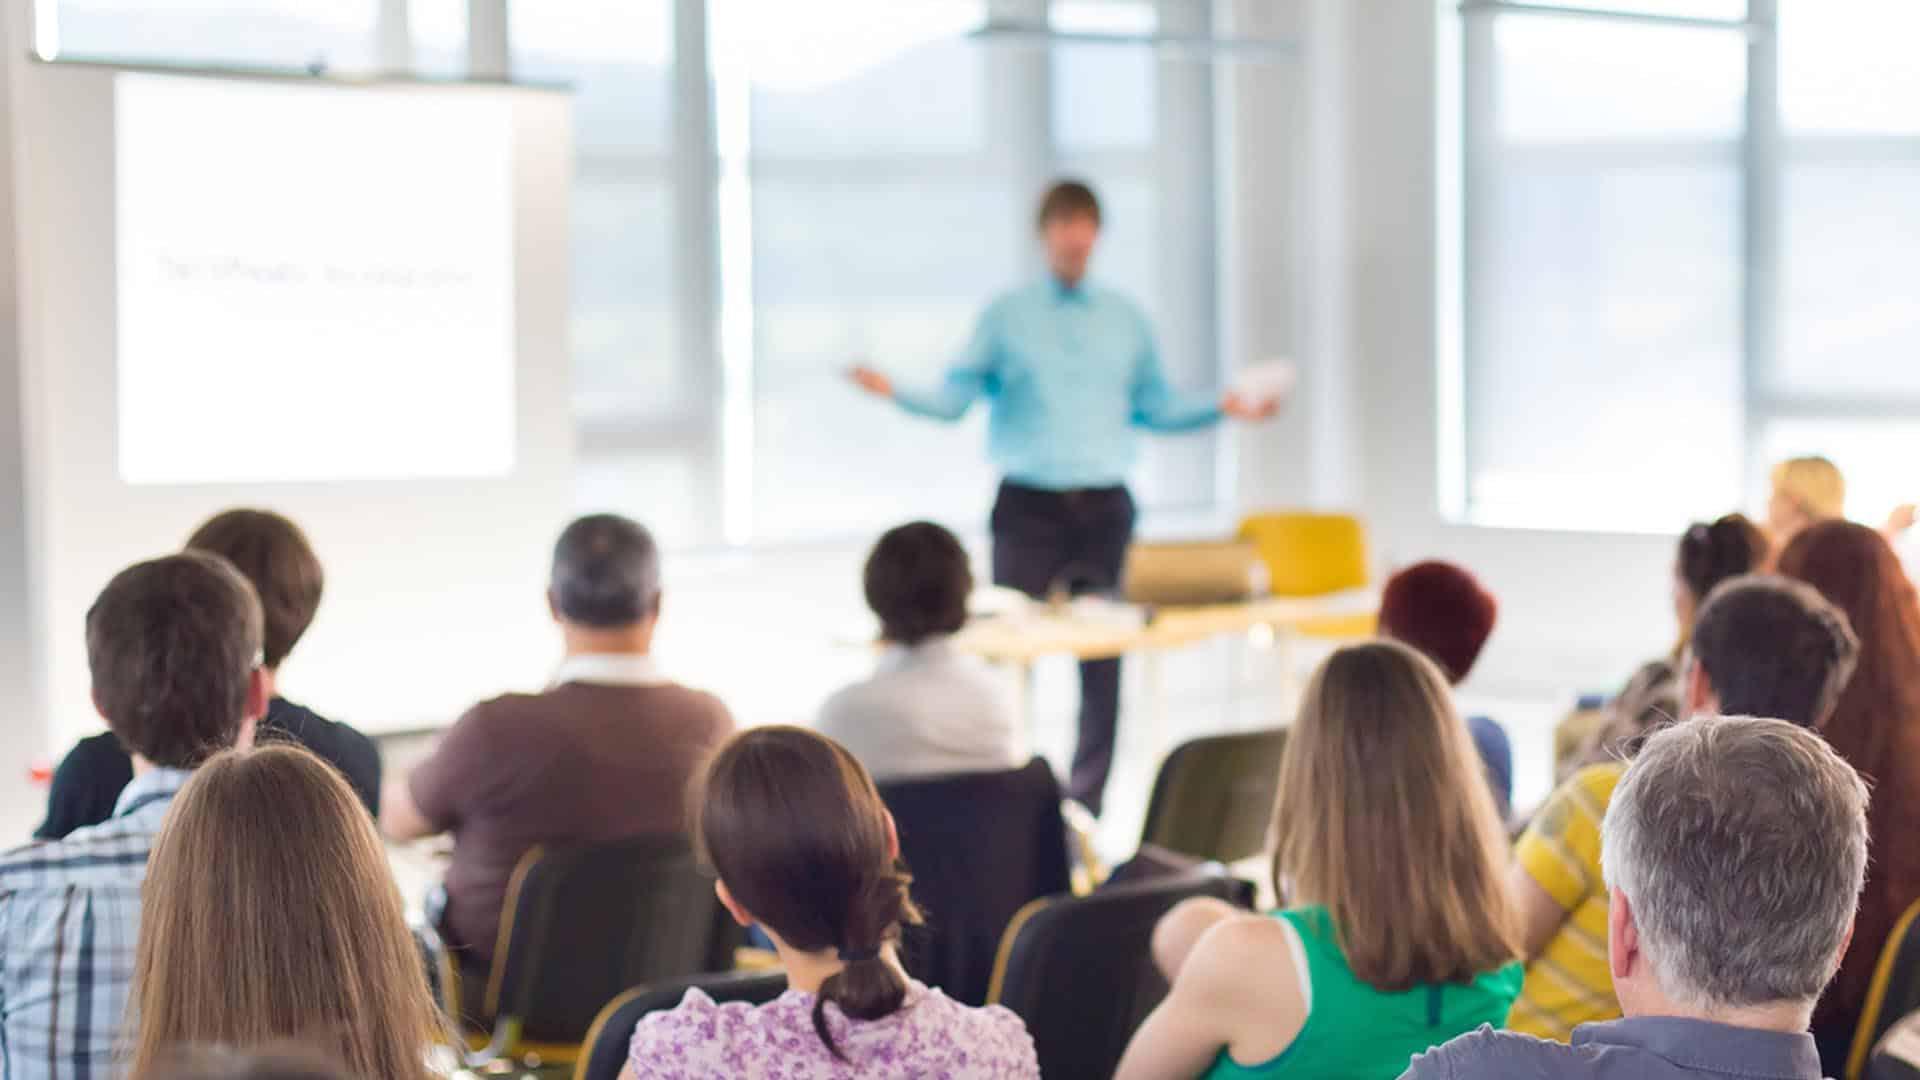 I corsi di formazione di PrivacyControl dedicati a tutto il personale dipendente di Aziende Private che di Autorità Pubbliche, permettono di mantenere costantemente aggiornate le proprie conoscenze in ambito di protezione dei Dati Personali.